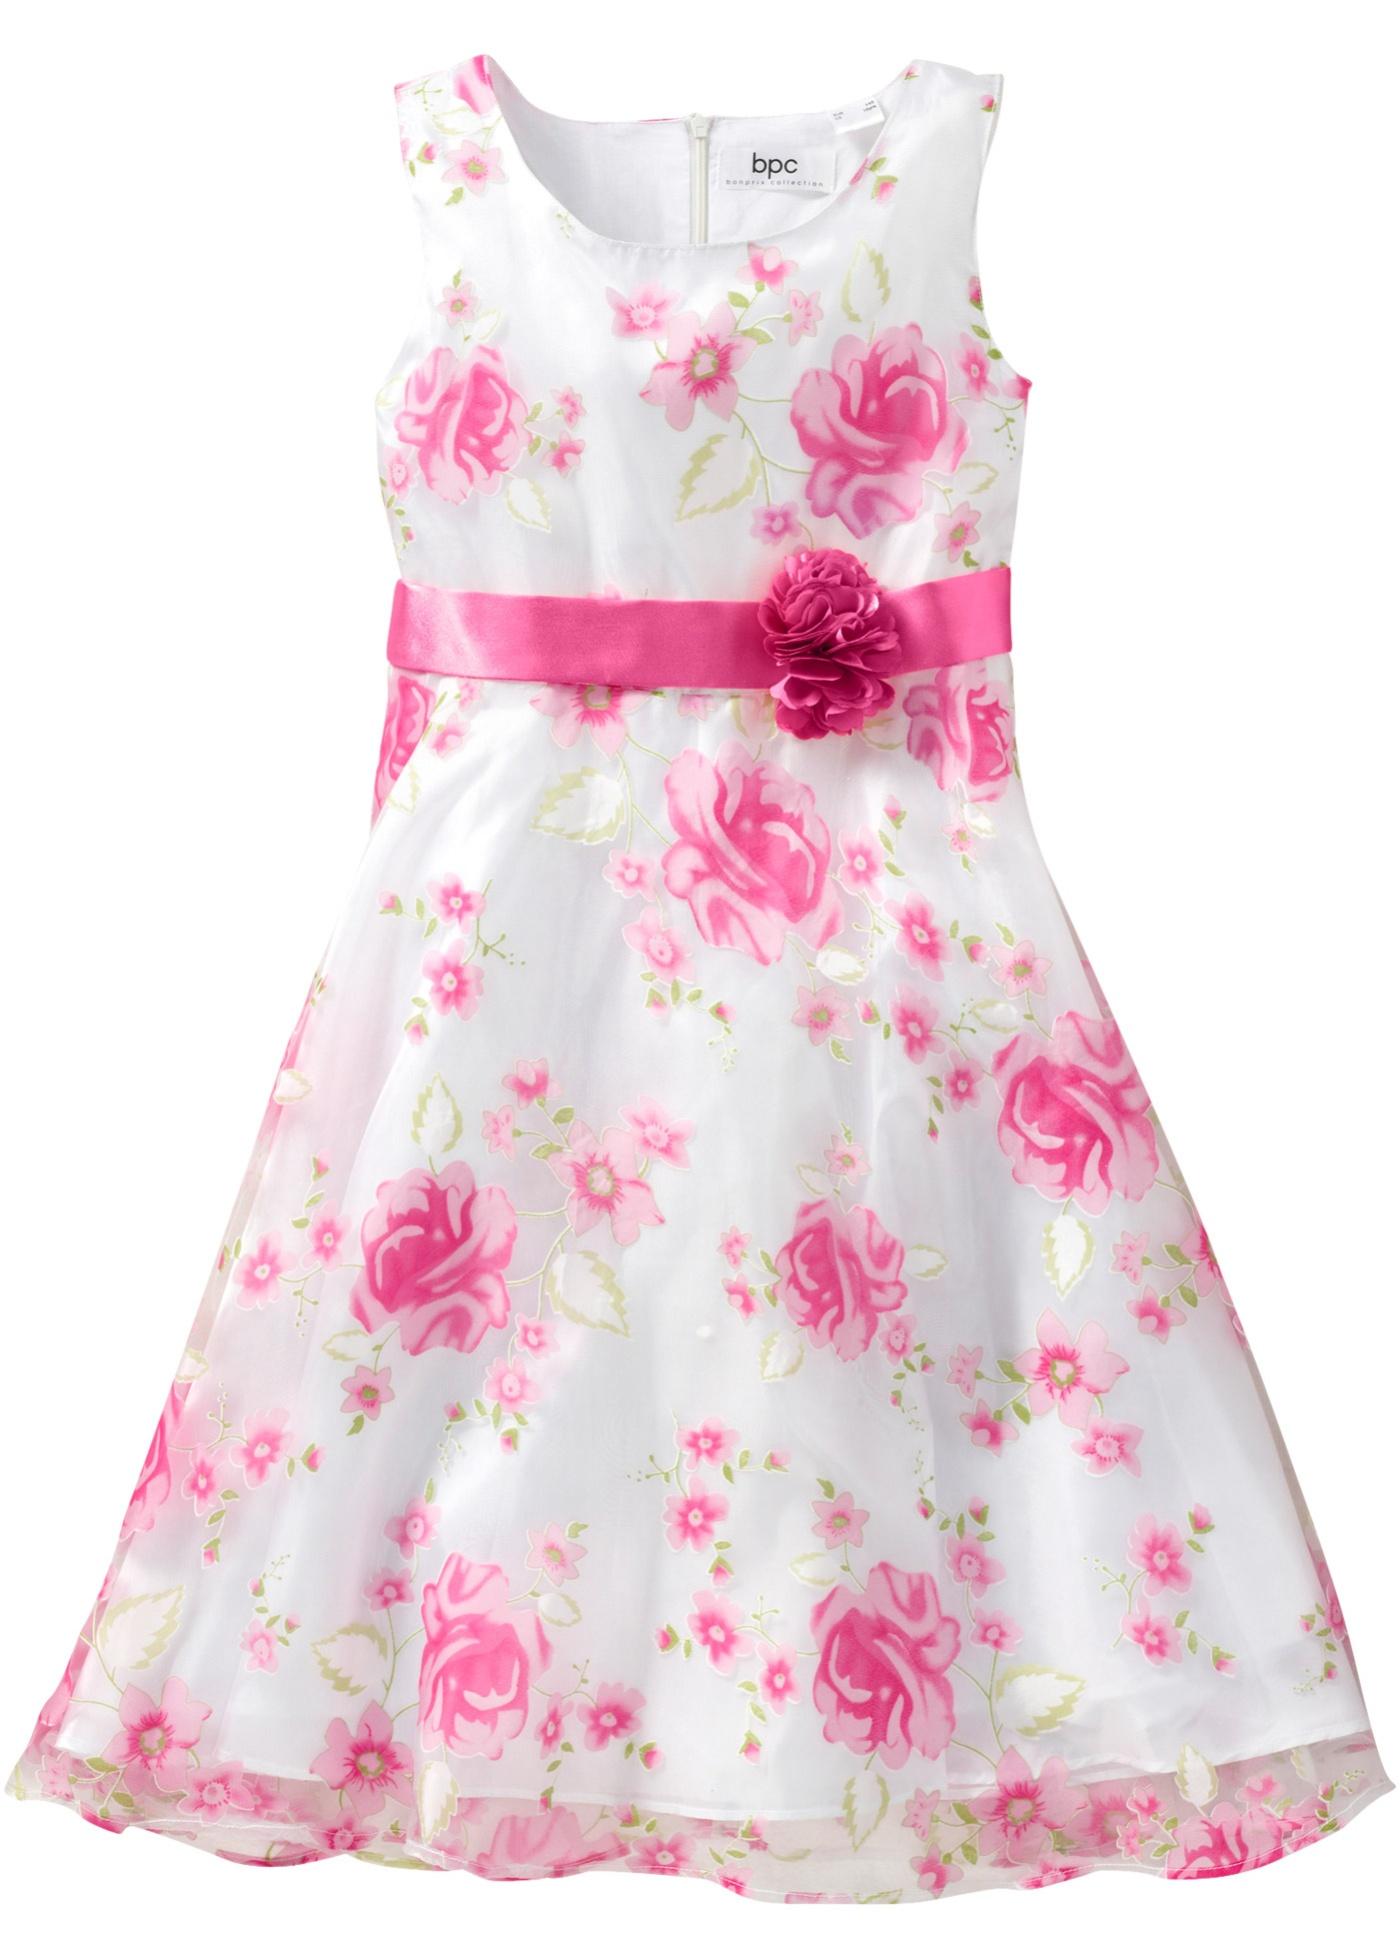 Bonprix Mädchen,Kinder Kleid, weit | 06957539477022